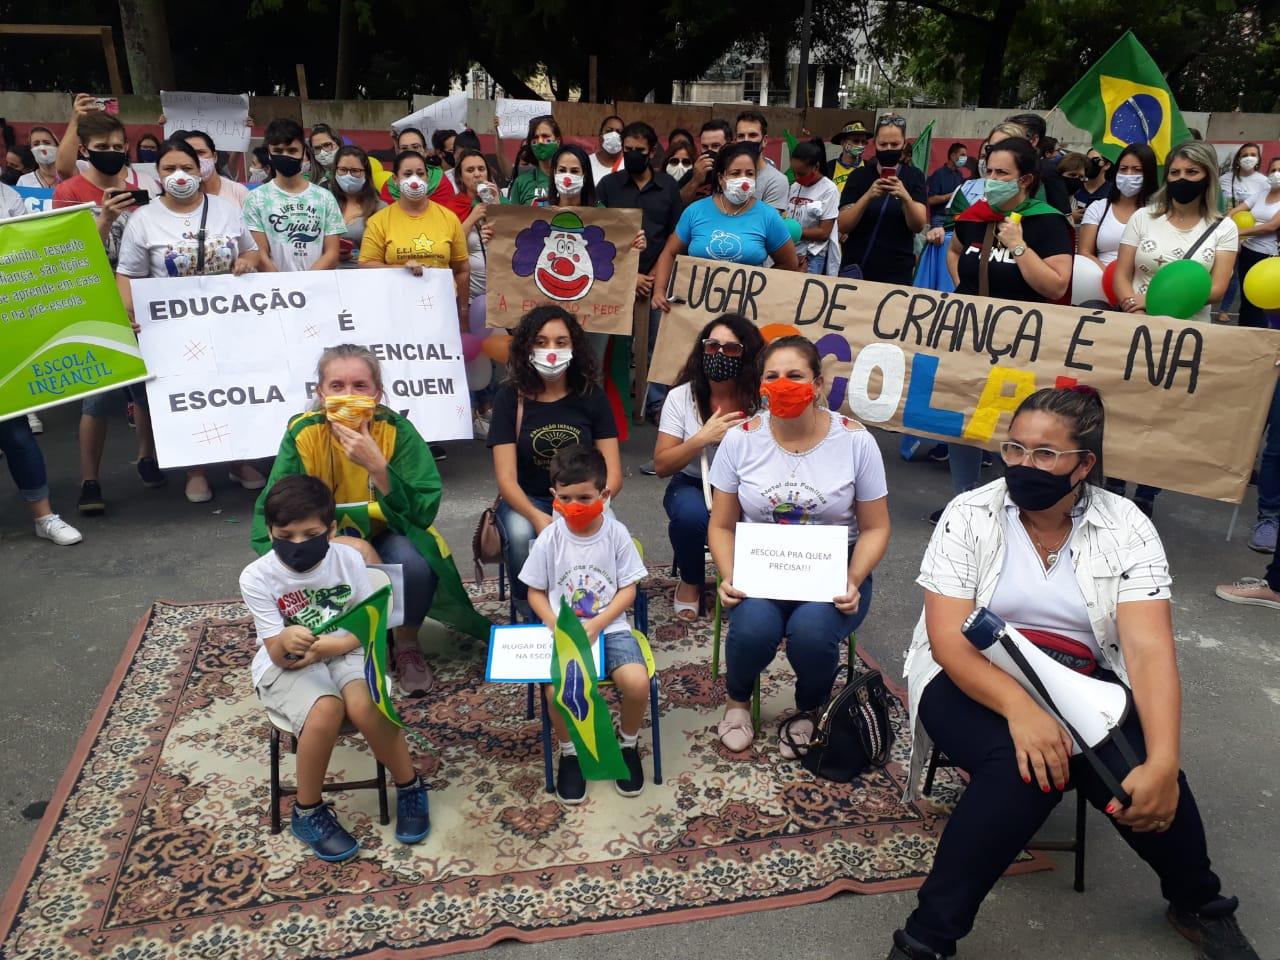 """Simplificação: uma """"aula"""" ao ar livre foi simulada durante o protesto"""